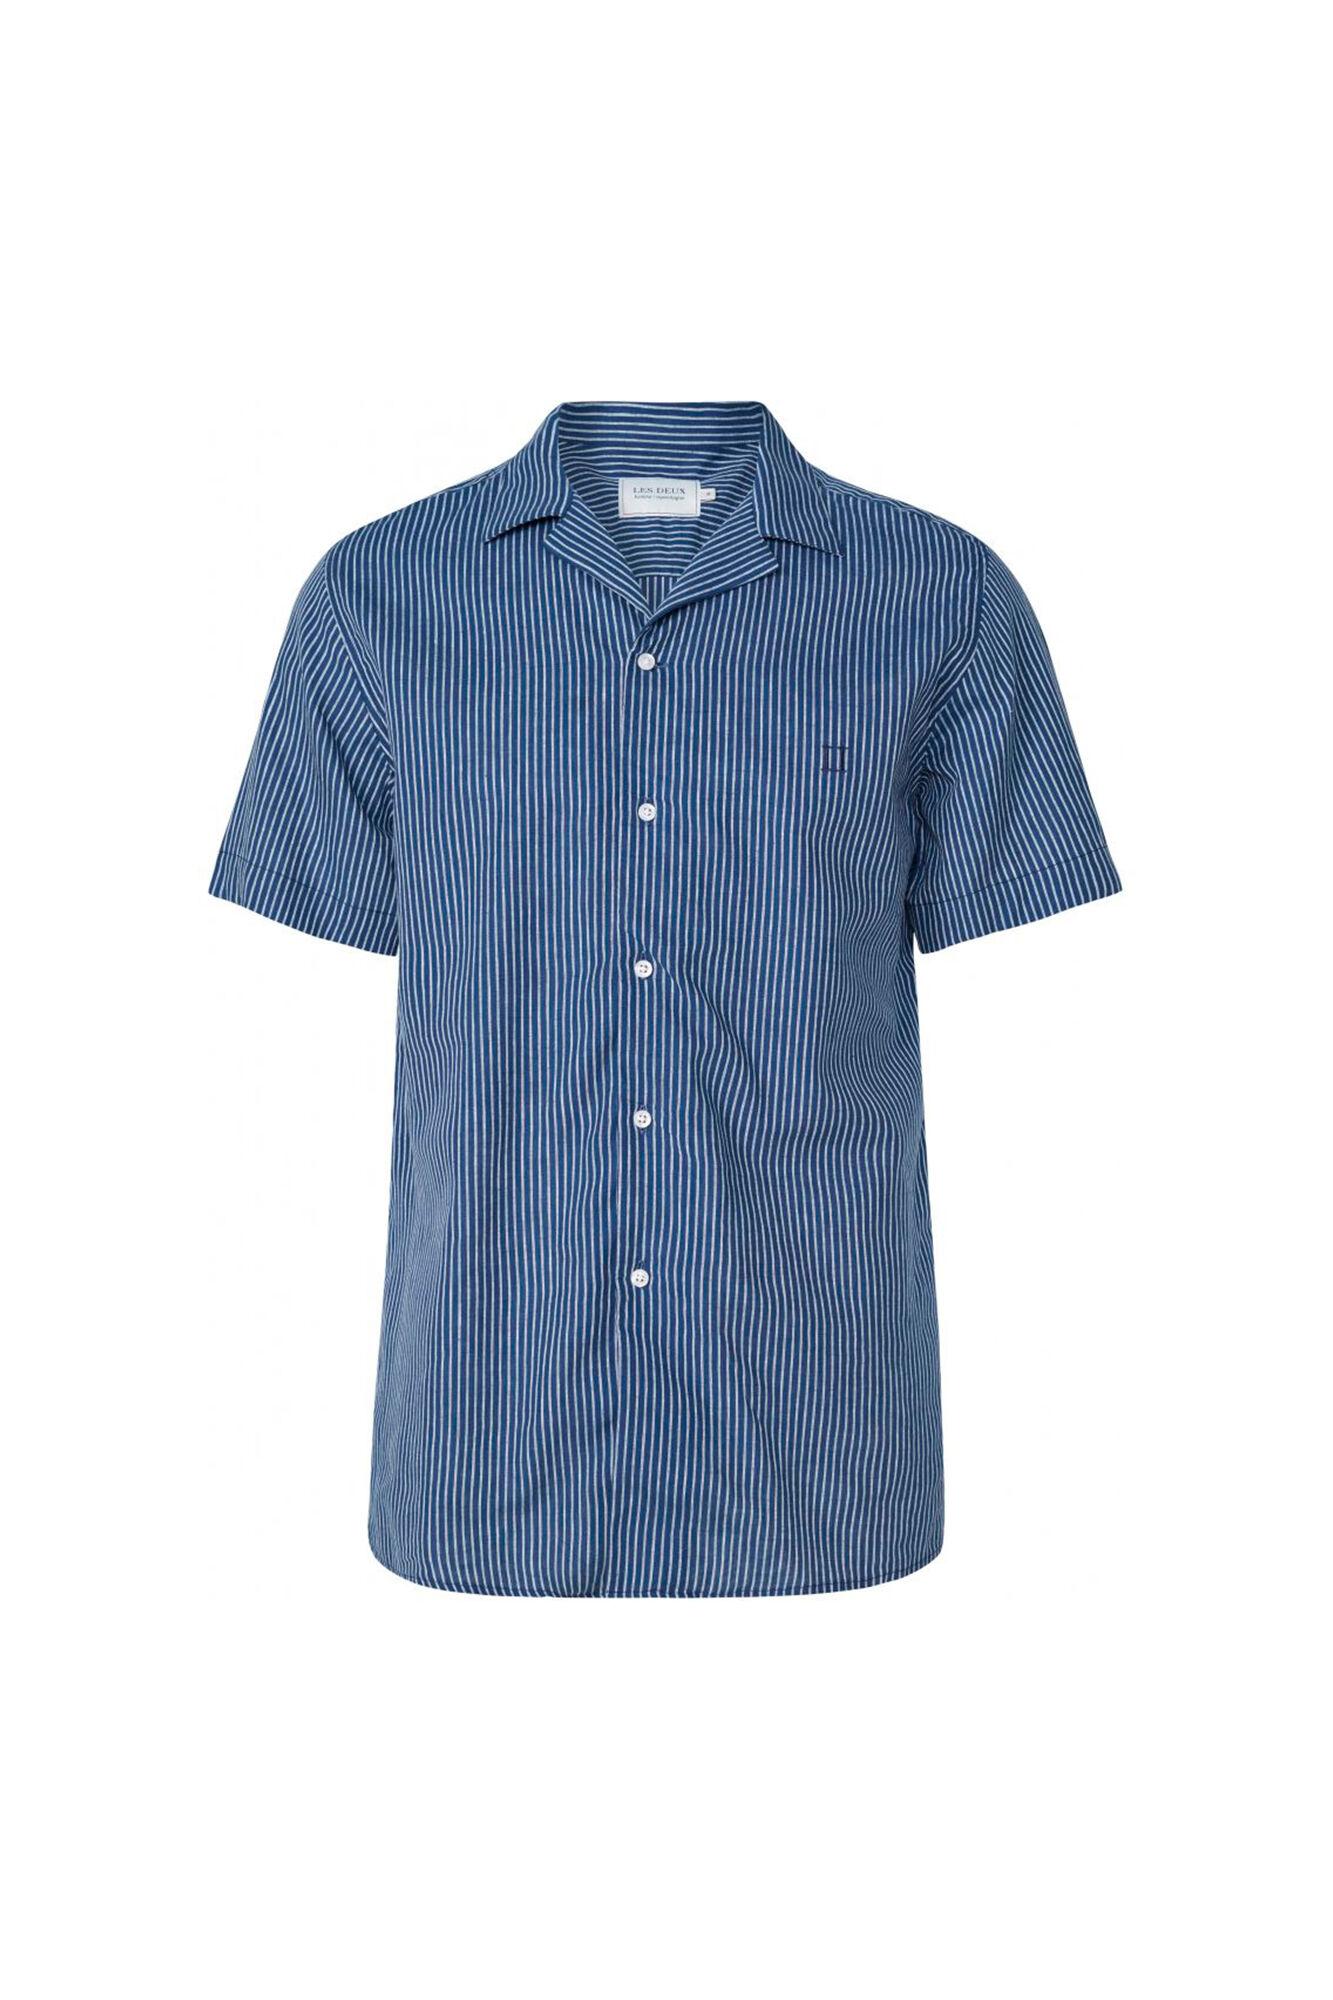 Simon Shirt LDM401006, DARK NAVY/WHITE